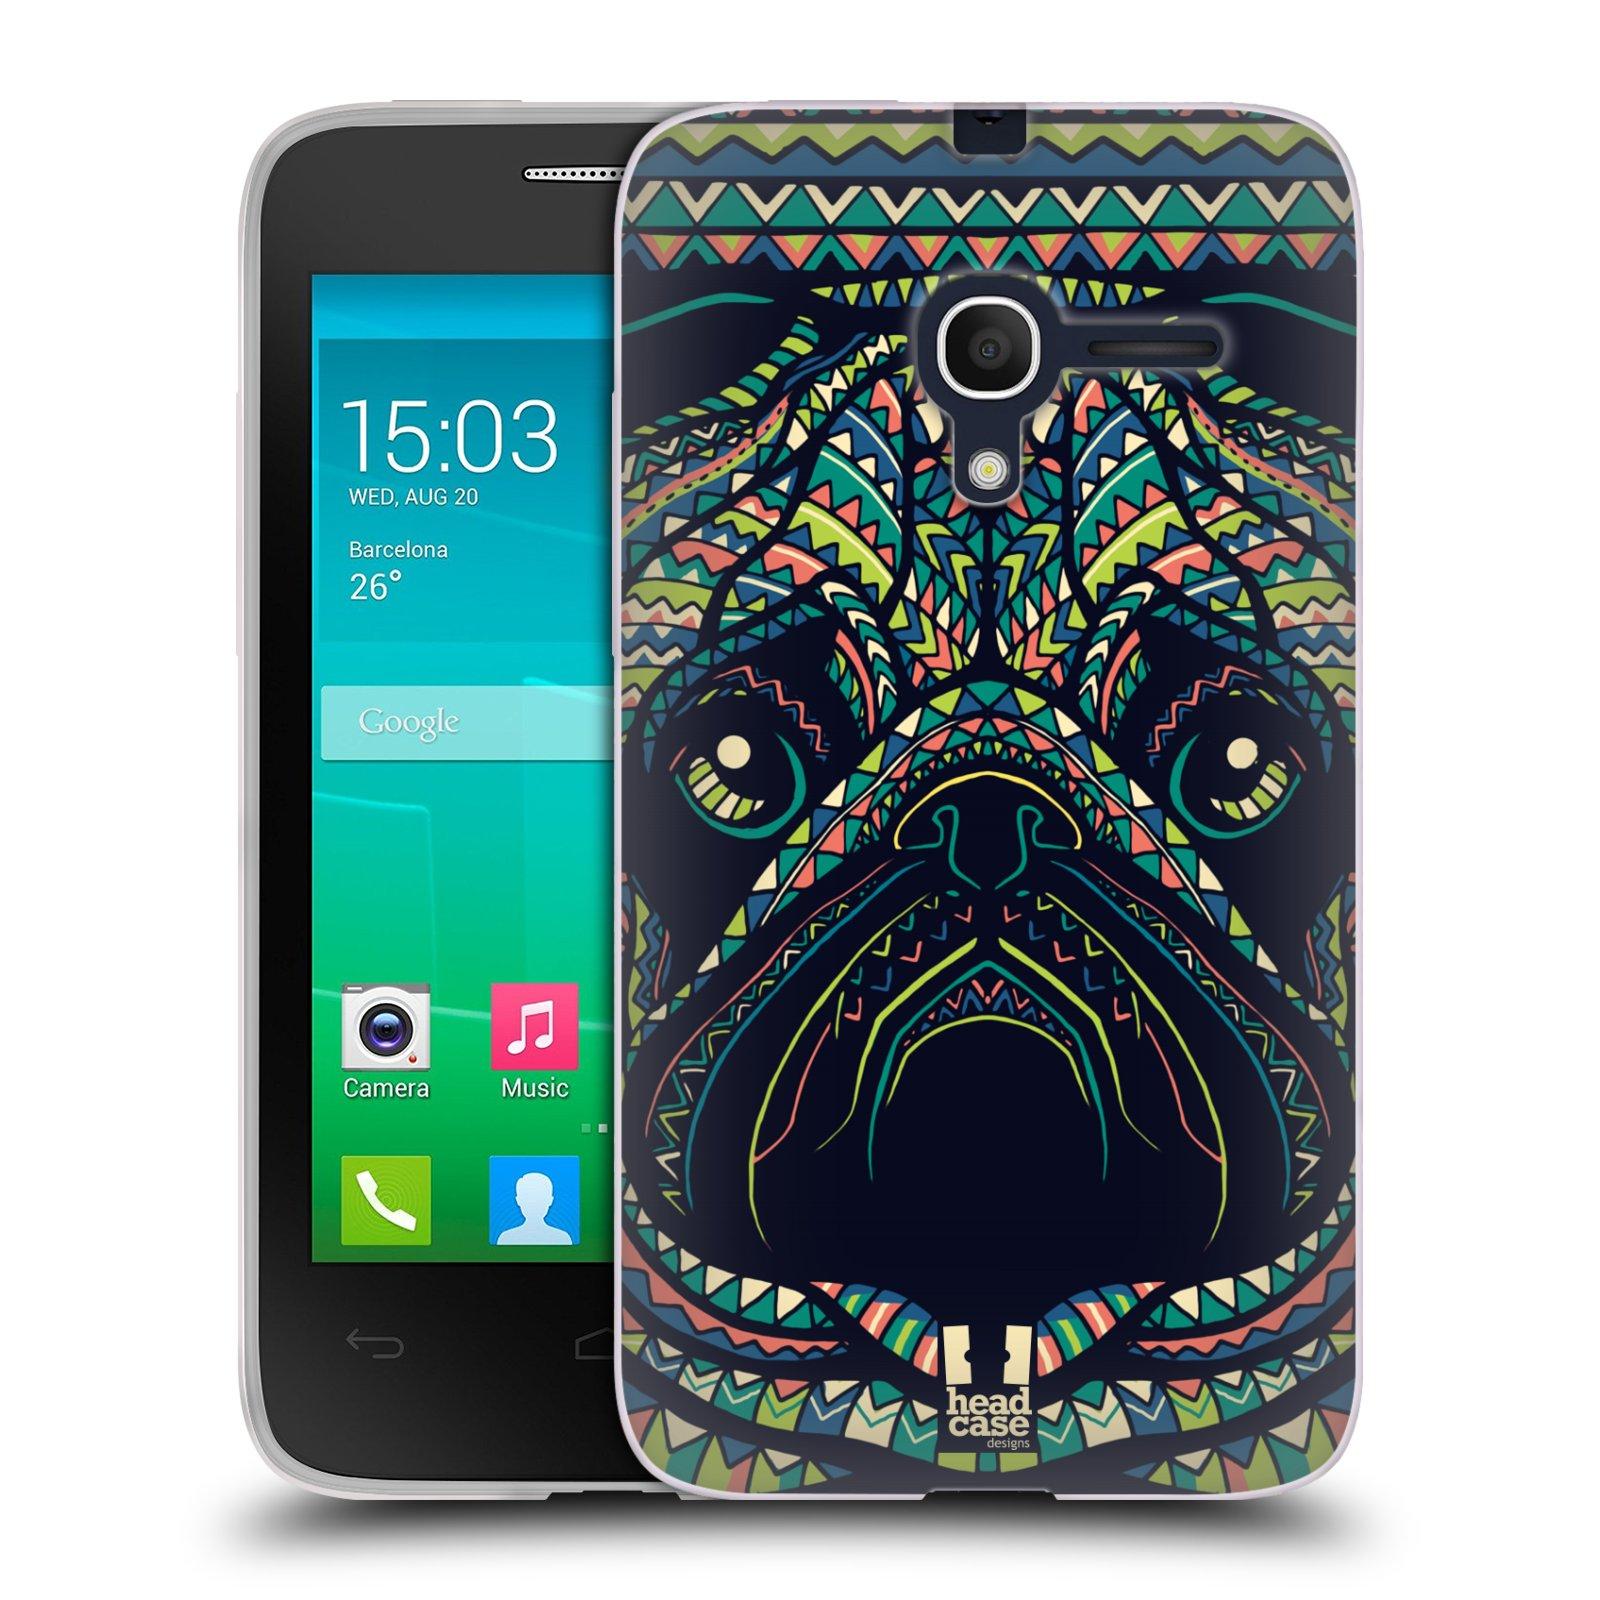 HEAD CASE silikonový obal na mobil Alcatel POP D3 OT-4035D vzor Aztécký motiv zvíře 3 mopsík